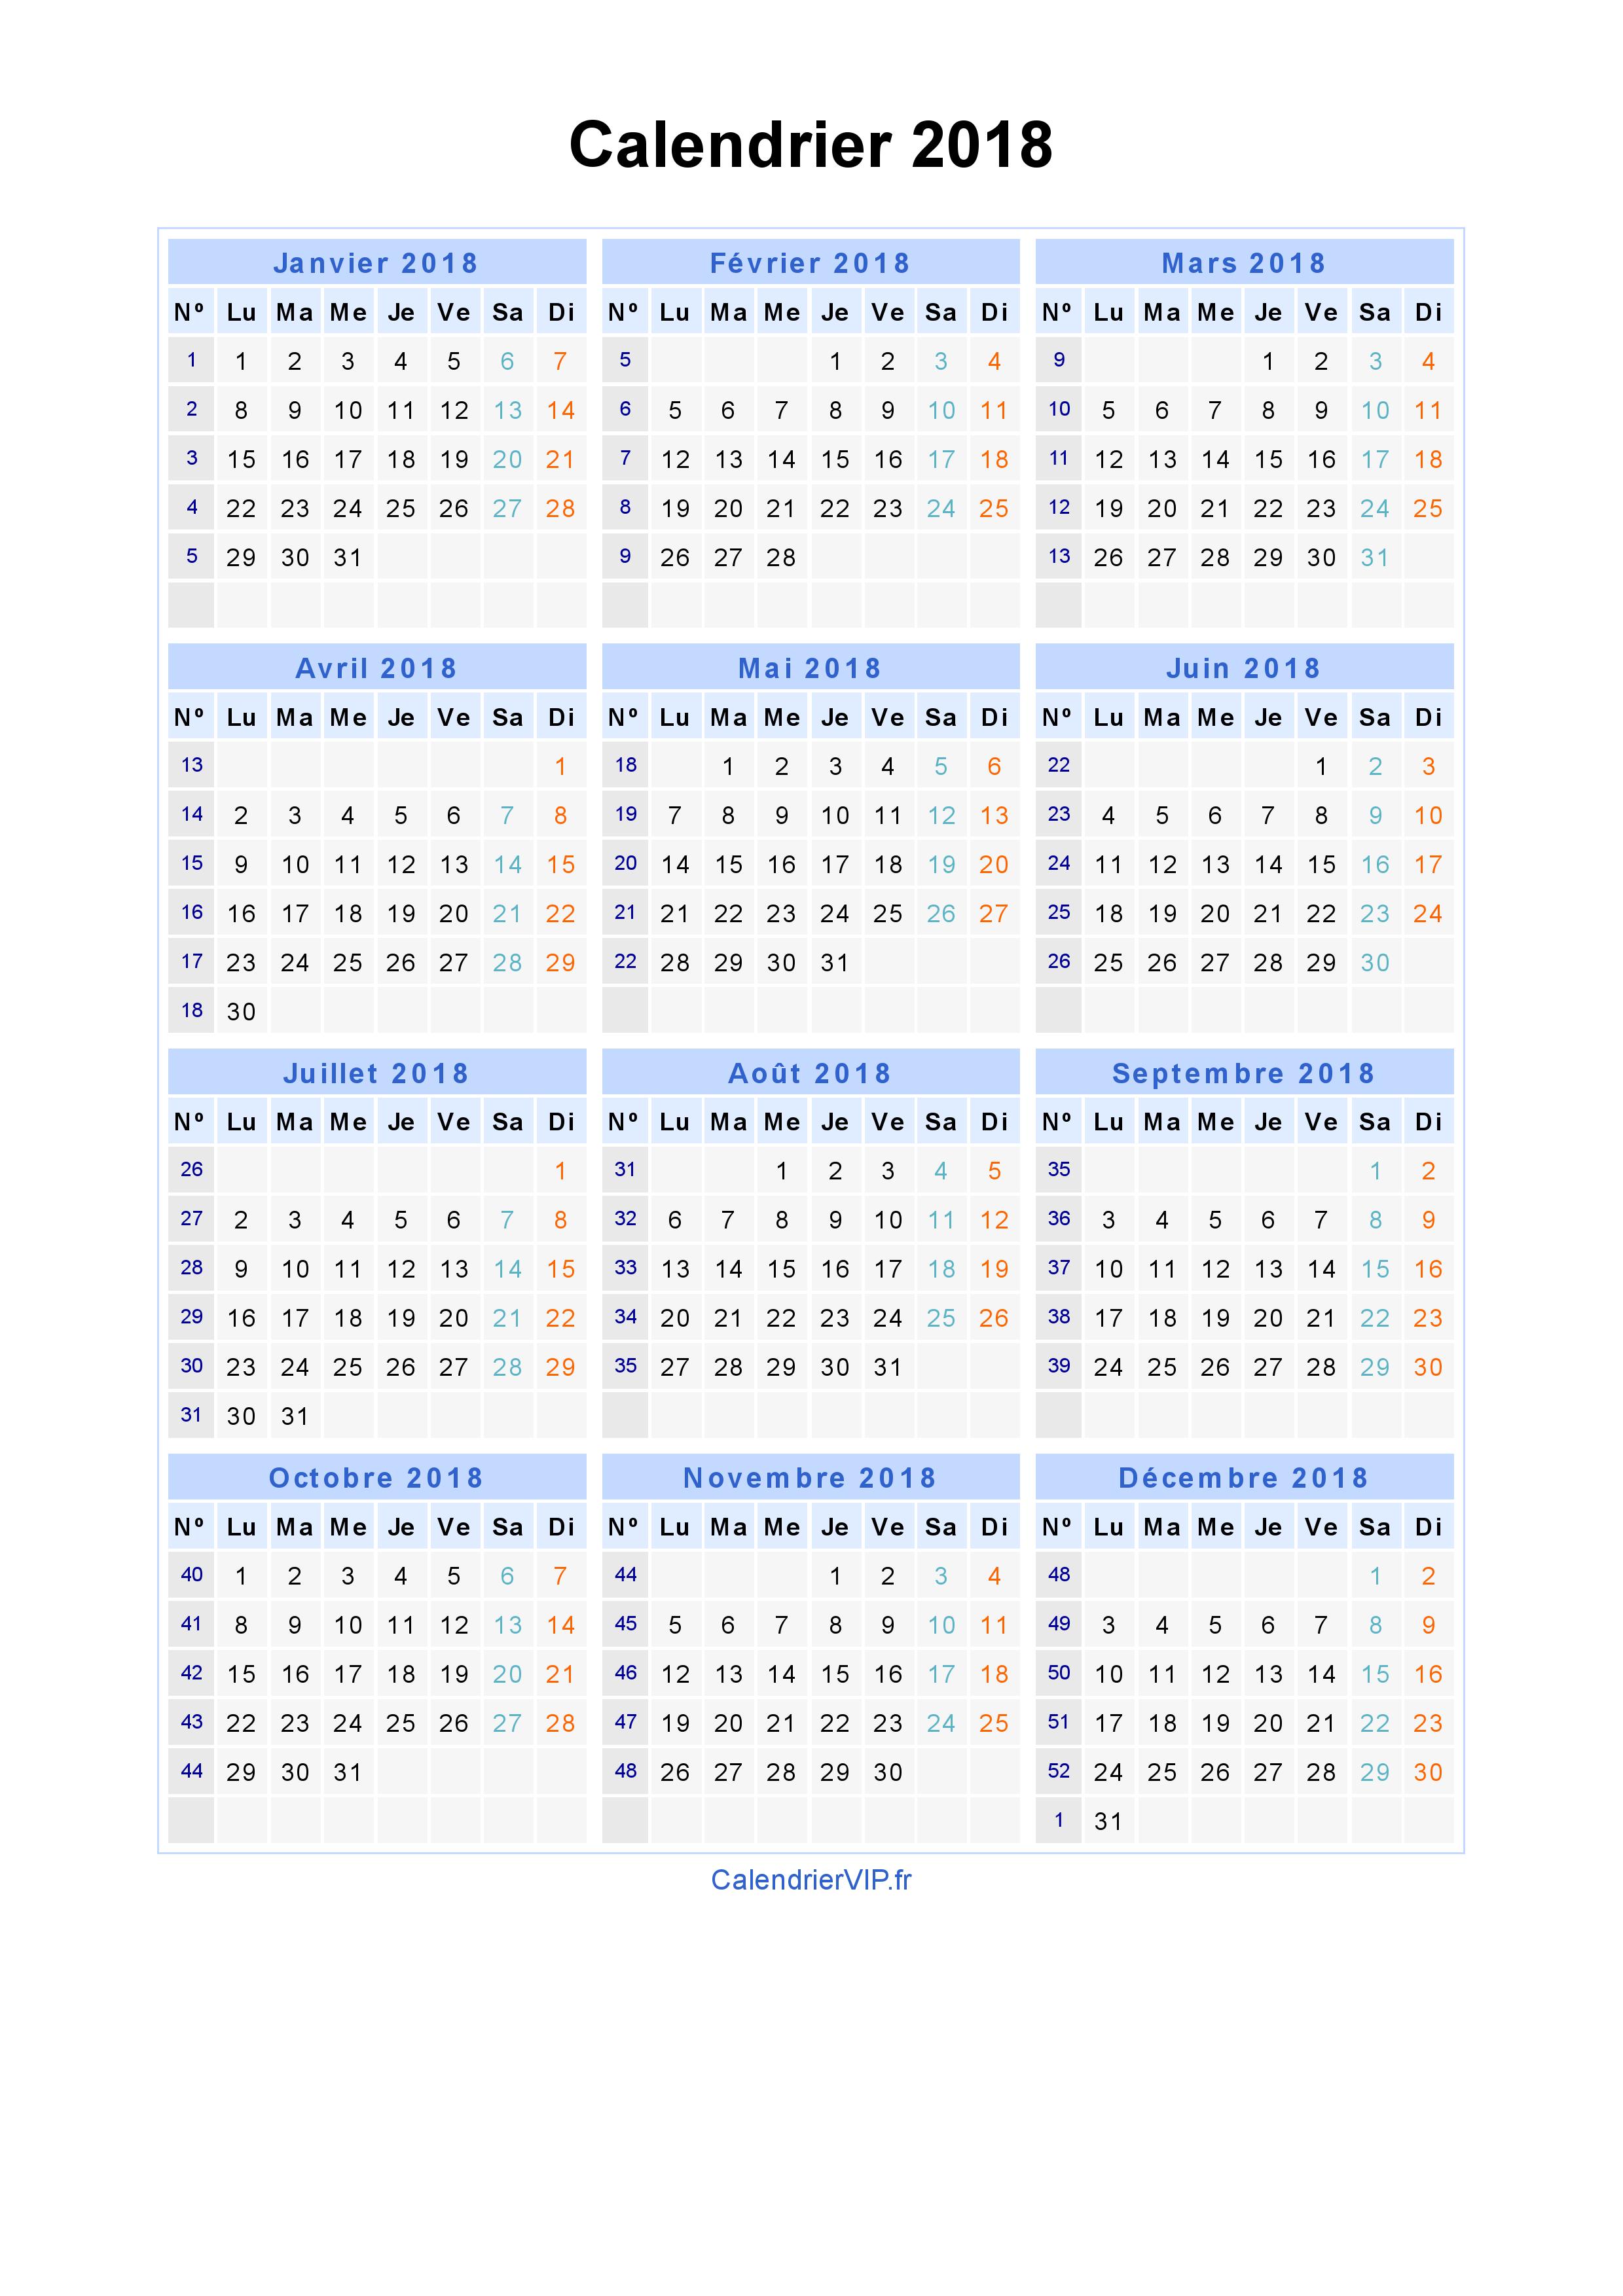 Extrêmement Calendrier 2018 à imprimer gratuit en PDF et Excel DX98